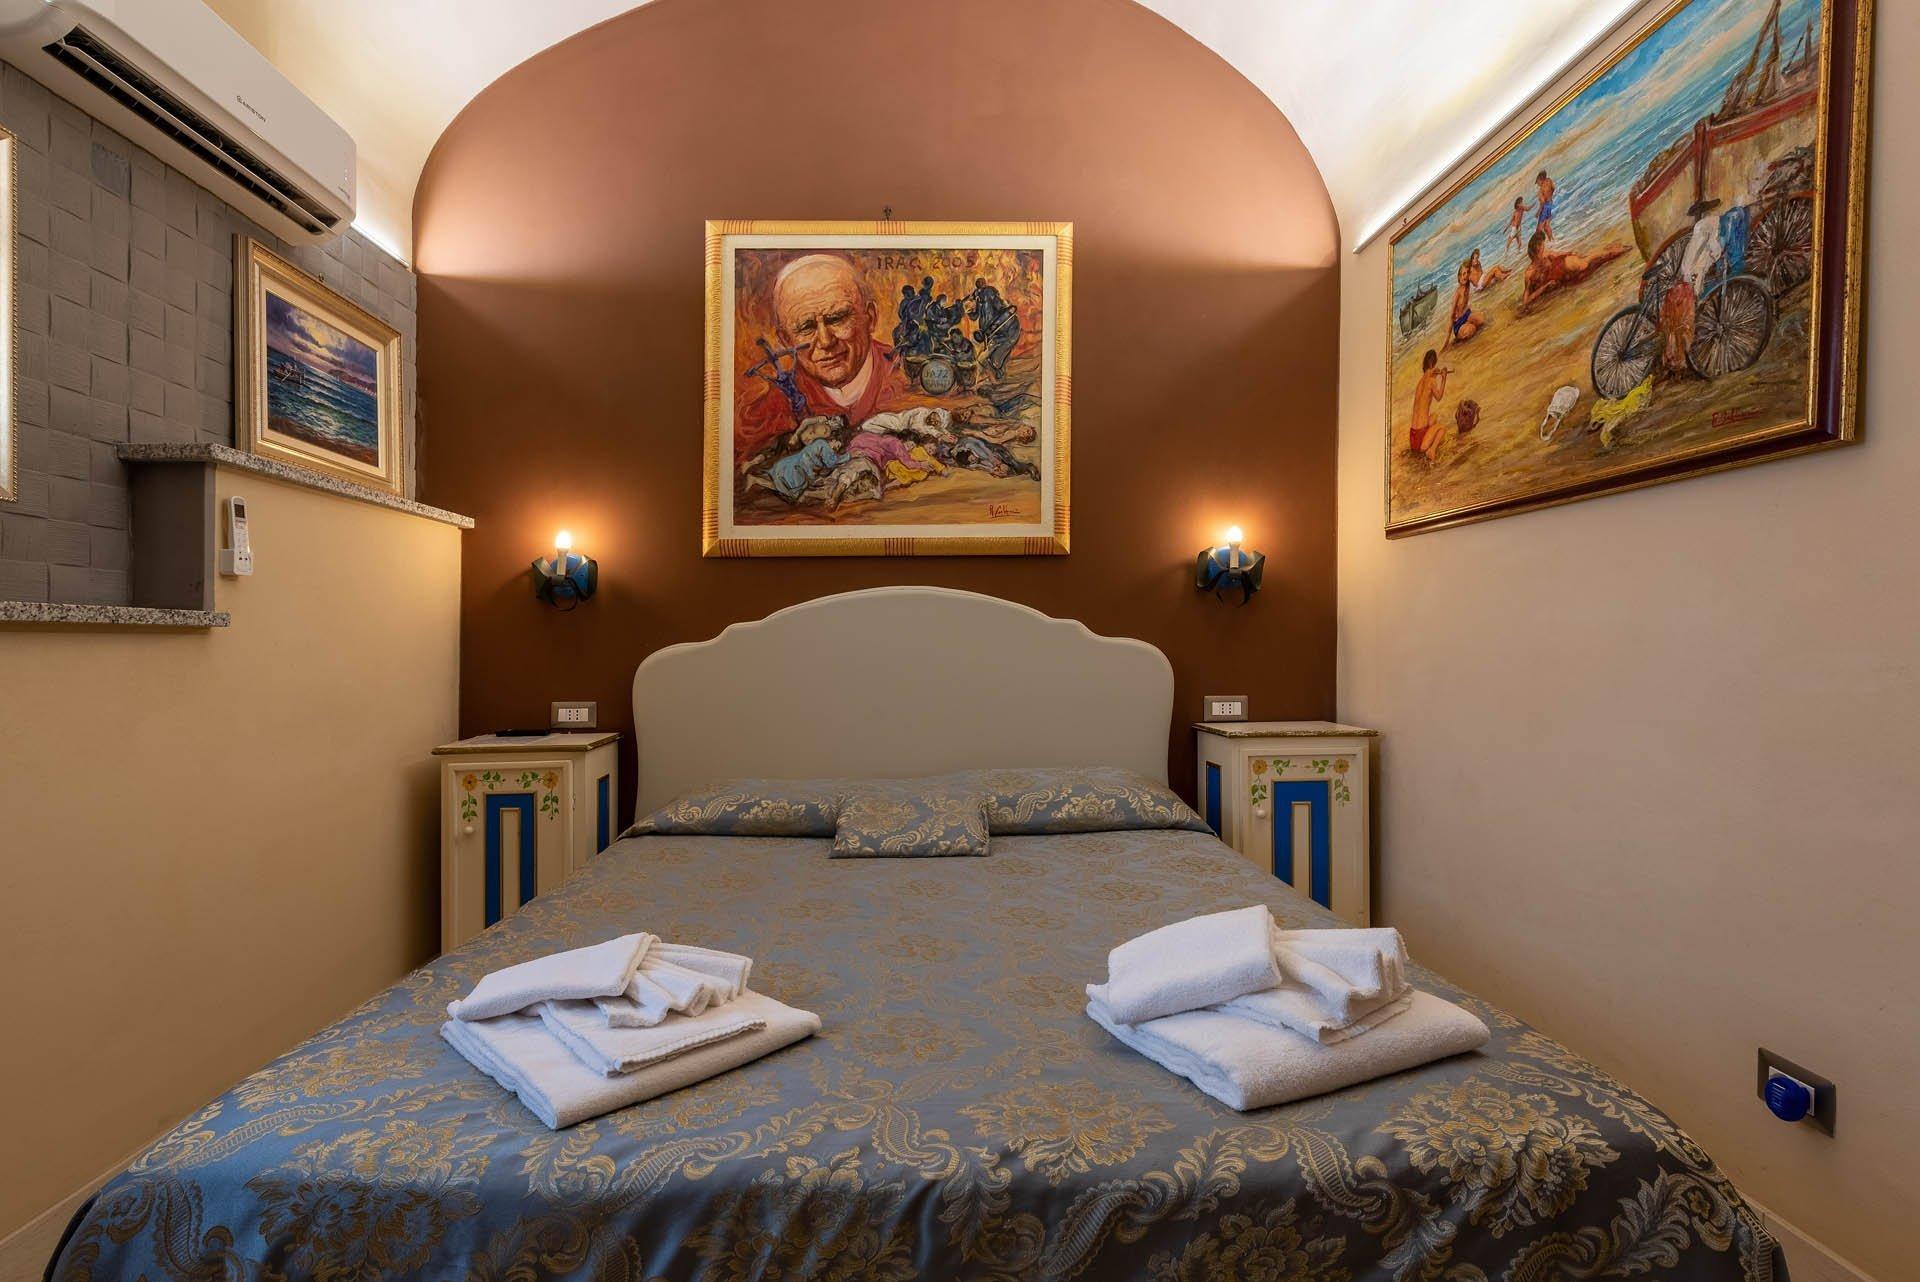 Fotografo per hotel e villaggi turistici